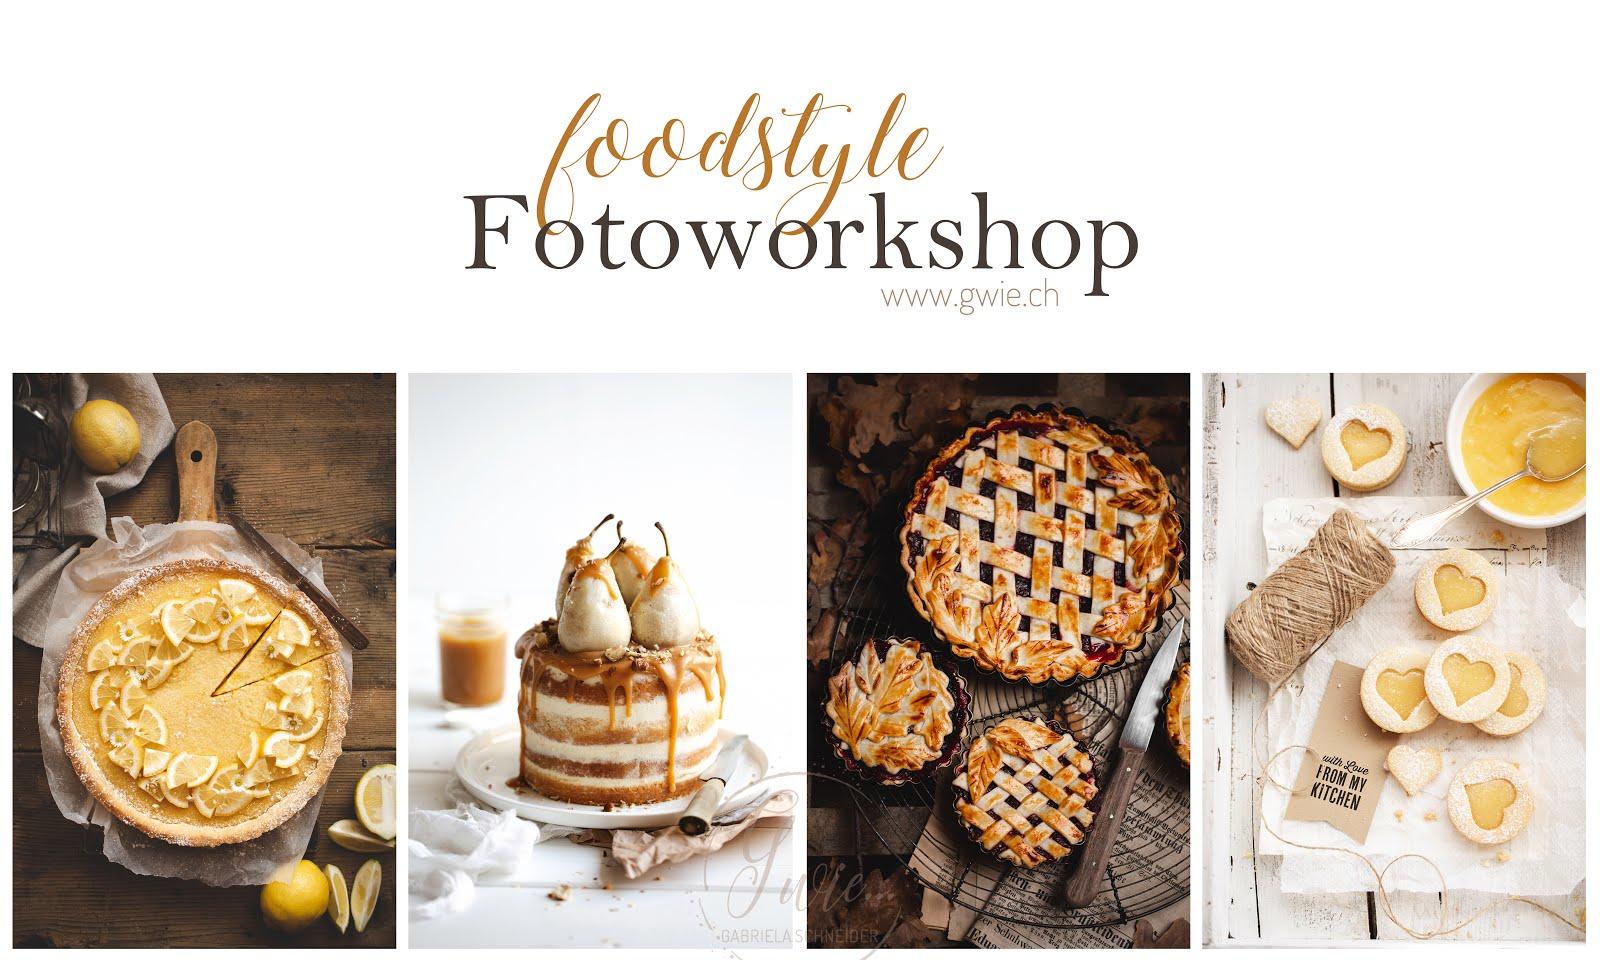 nächster Fotoworkshop 16.10.19